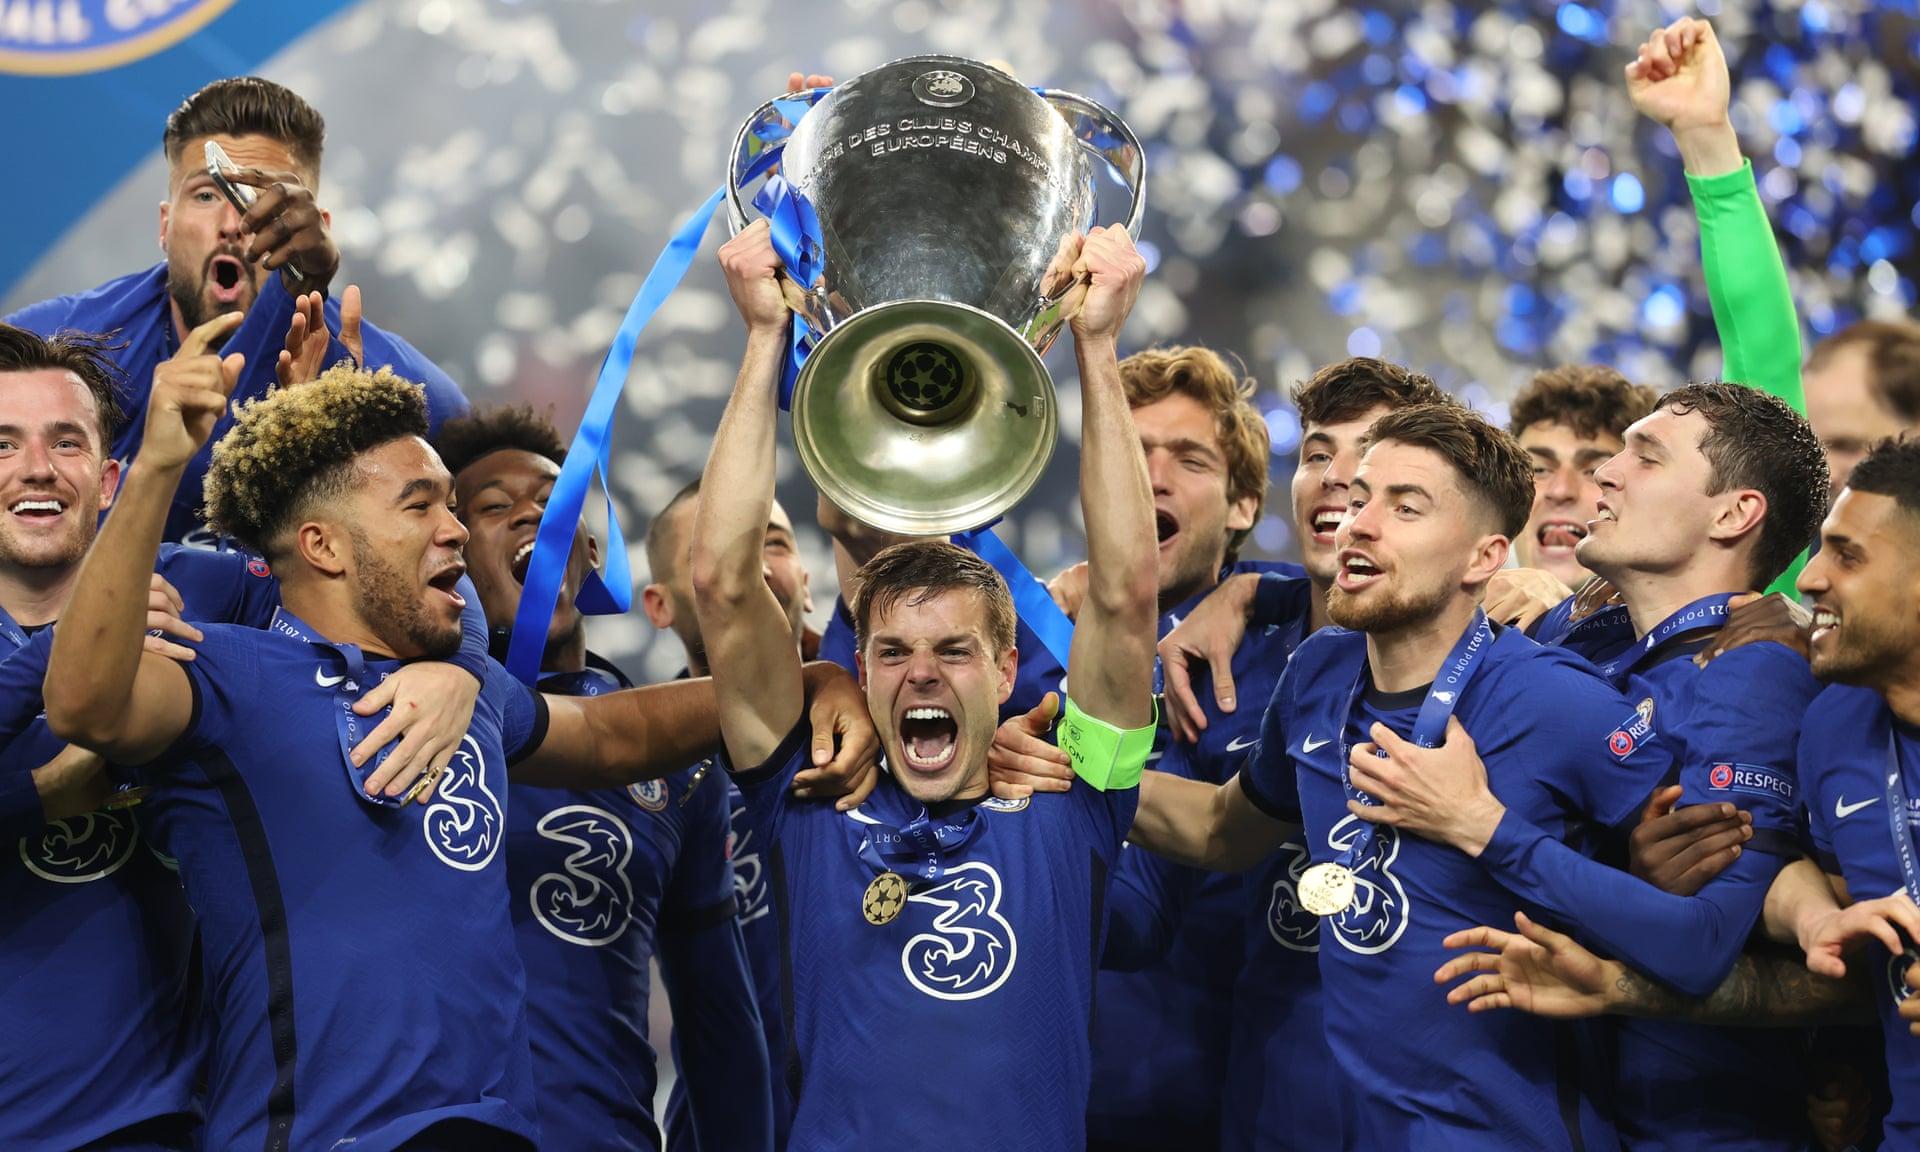 Chelsea của nhà tài phiệt Roman Abramovich đã chiến thắng, lần thứ hai kể từ khi rơi vào tay ông chủ có nhiều tiền và tiêu không tiếc tay này